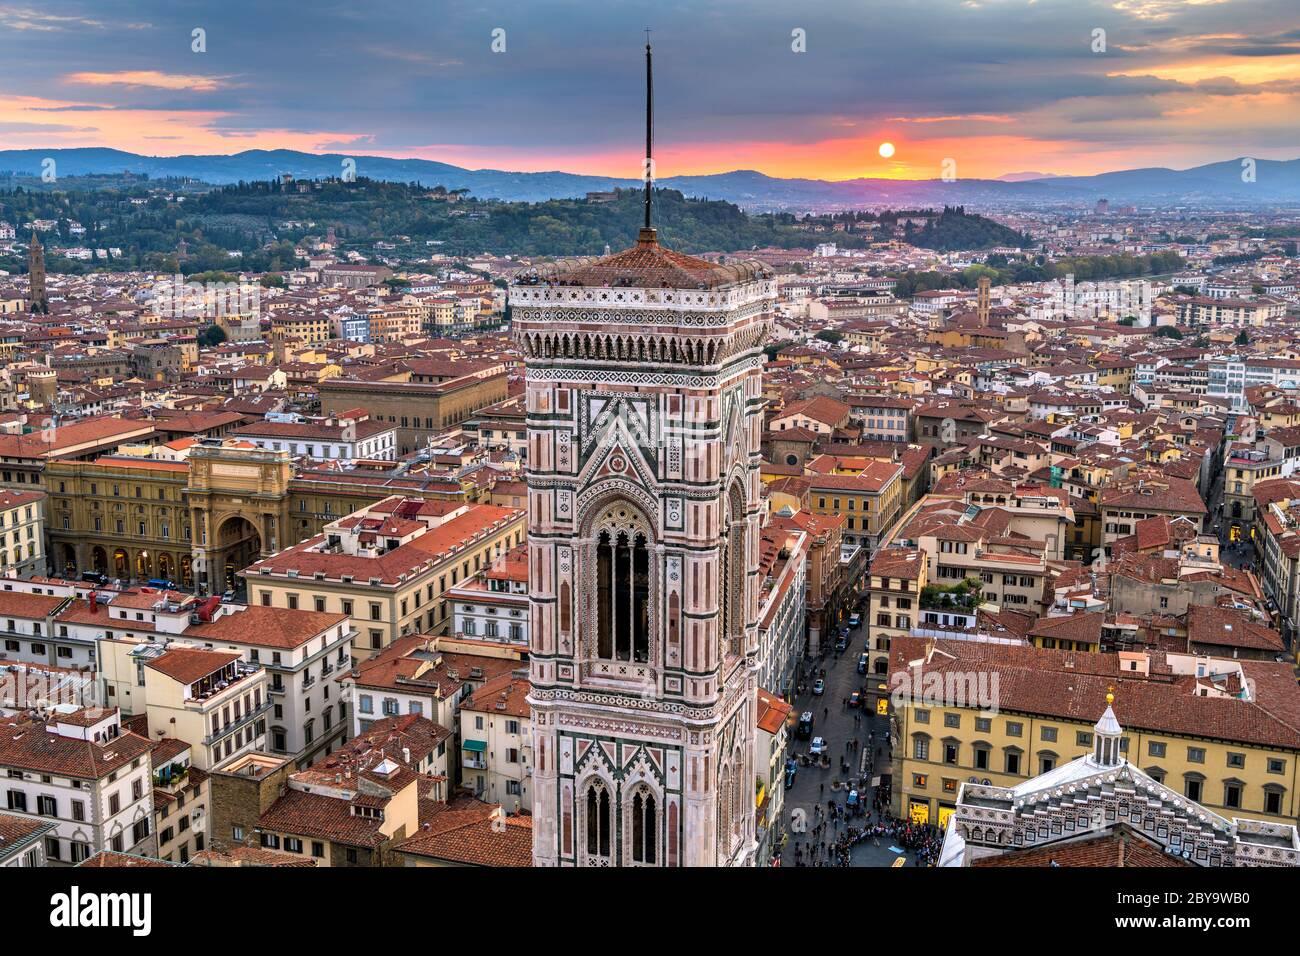 Tramonto Campanile di Giotto - Vista aerea del tramonto sul Campanile di Giotto e la Città Vecchia di Firenze, come si vede dalla cima della cupola della Cattedrale di Firenze. Foto Stock